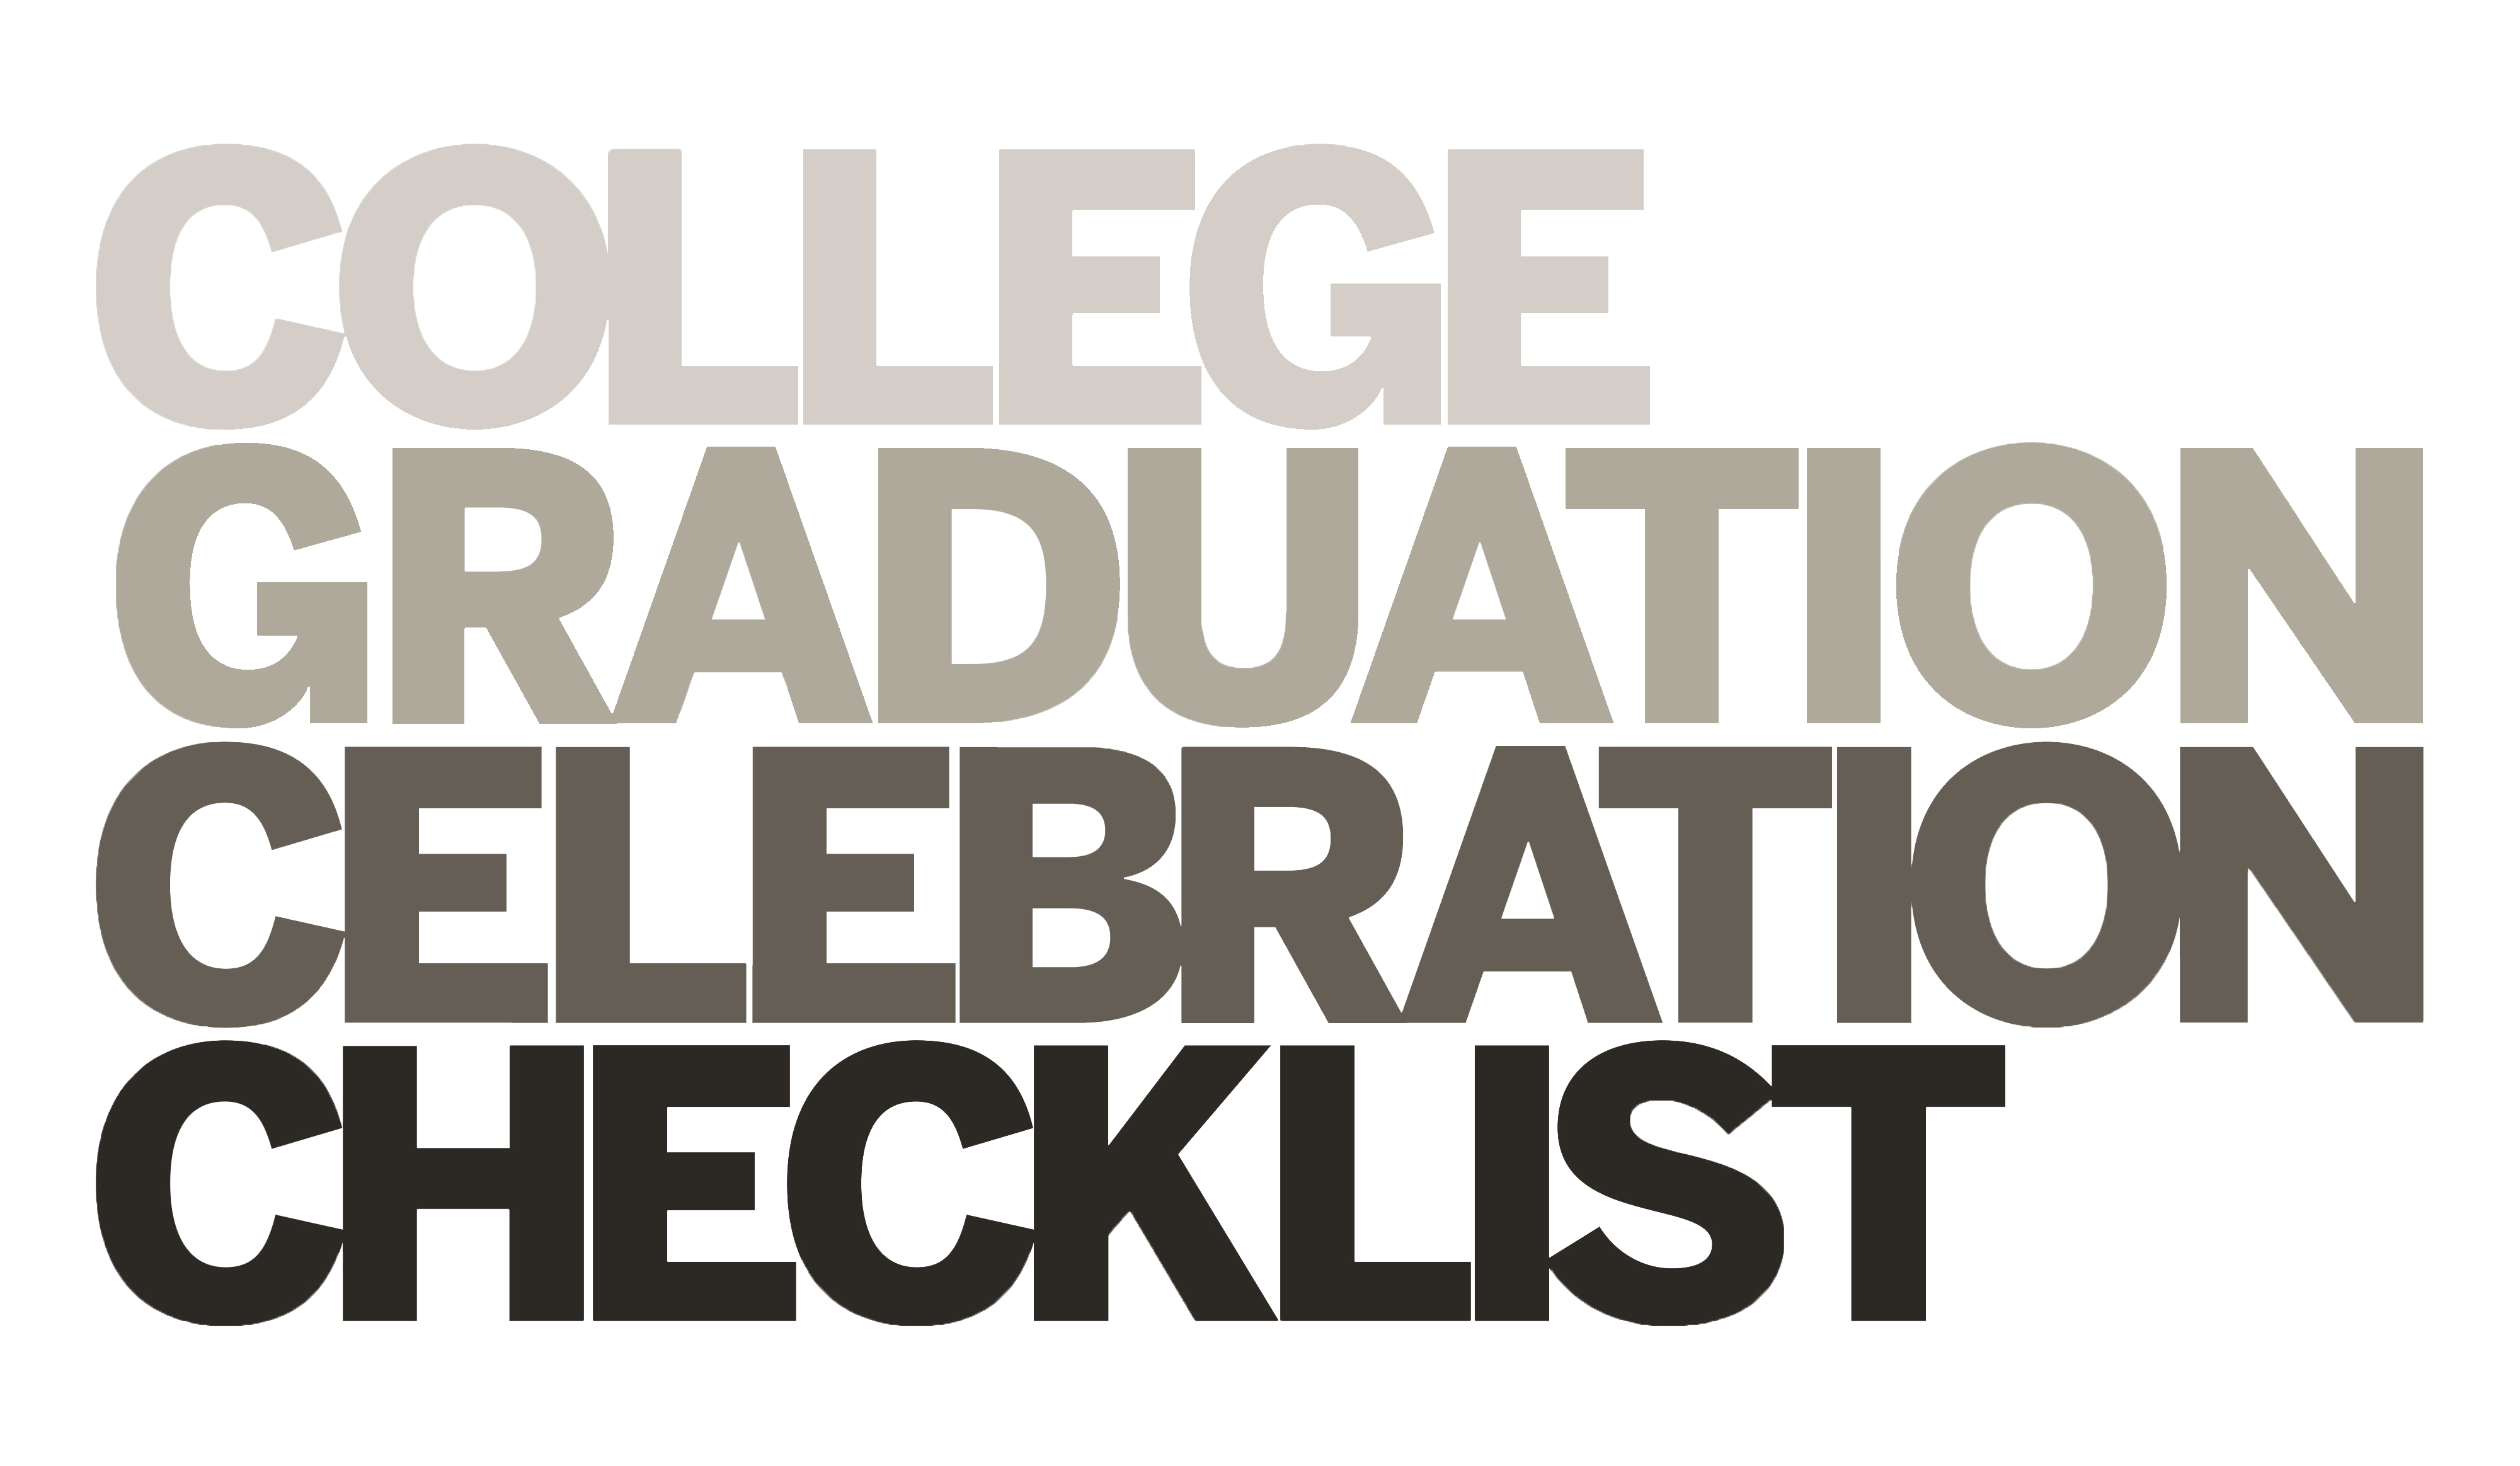 College Grad Checklist